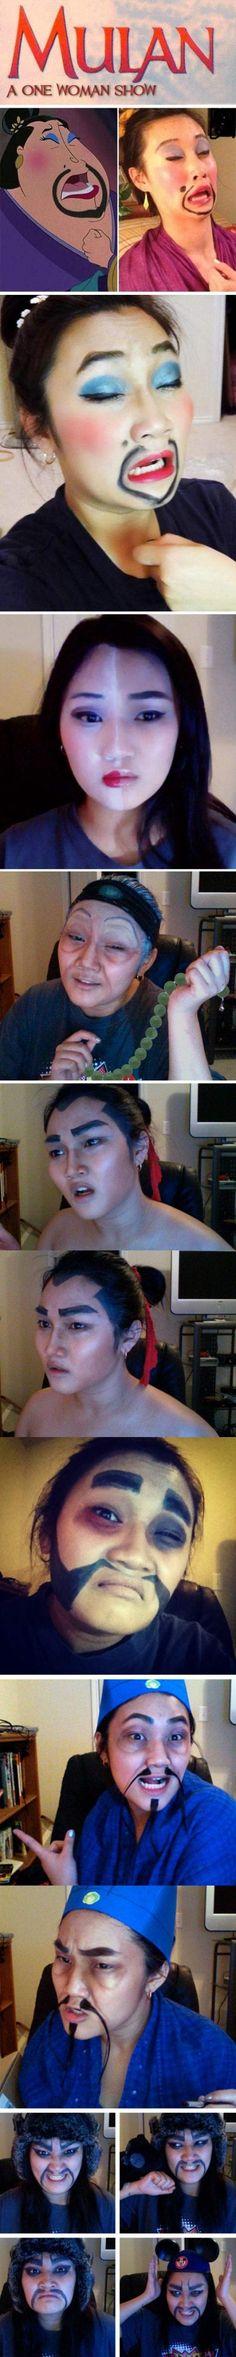 Mulan and the power of make up.